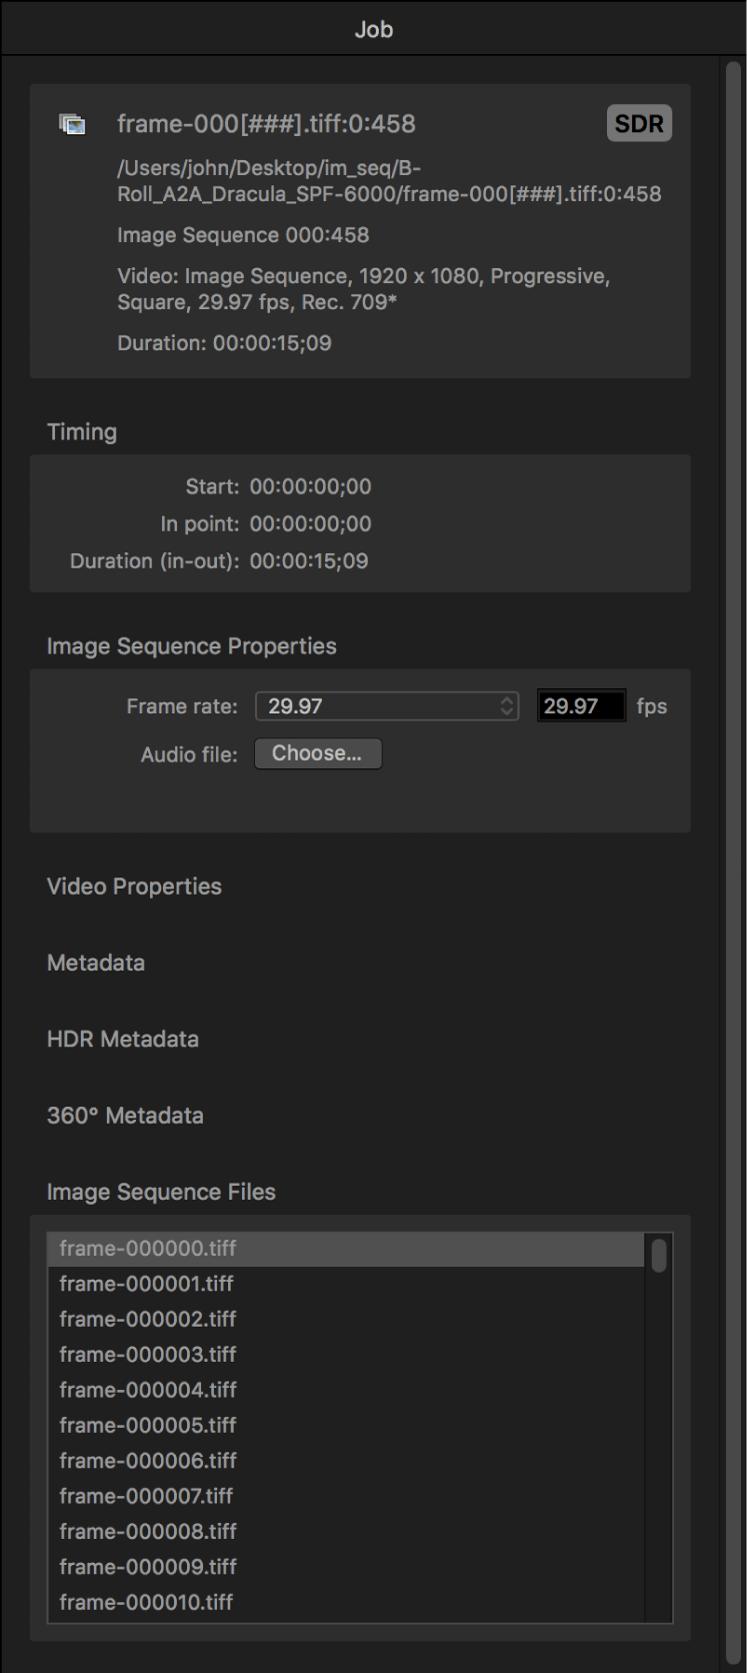 Informationsfenster mit Eigenschaften für eine Bildsequenz